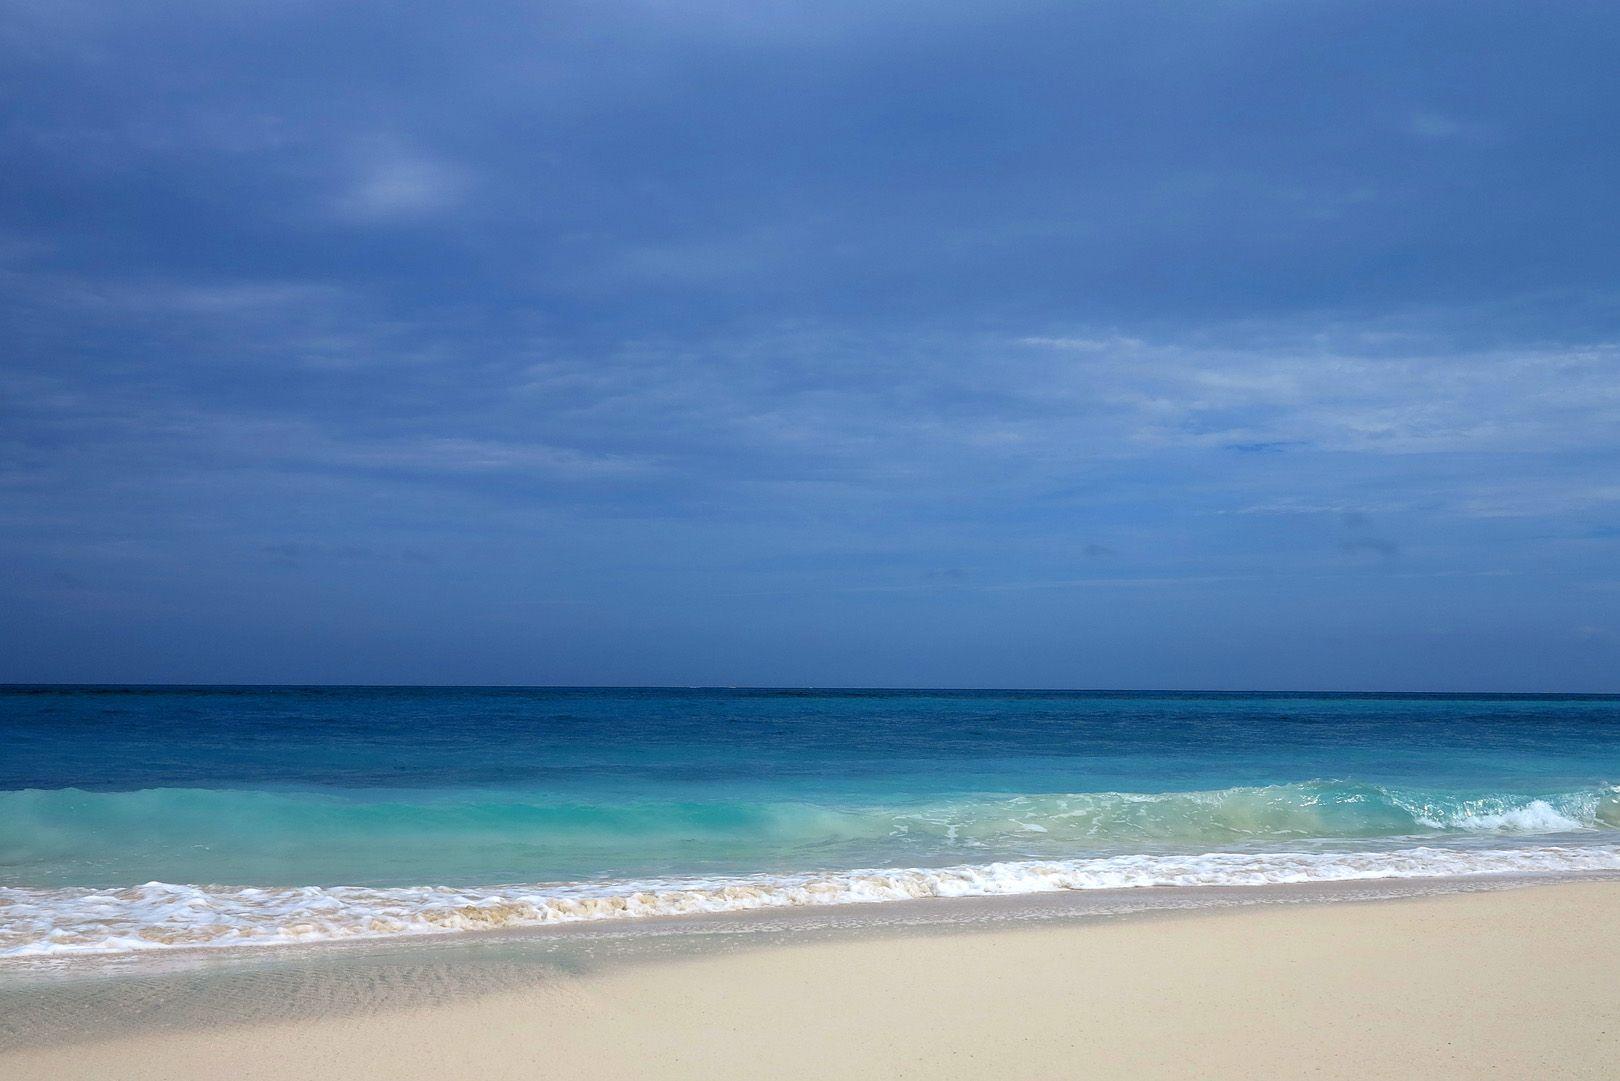 Daily Photo – April 7, 2016 Shades of blue at Gillam Bay, Green Turtle Cay, Abaco, Bahamas.